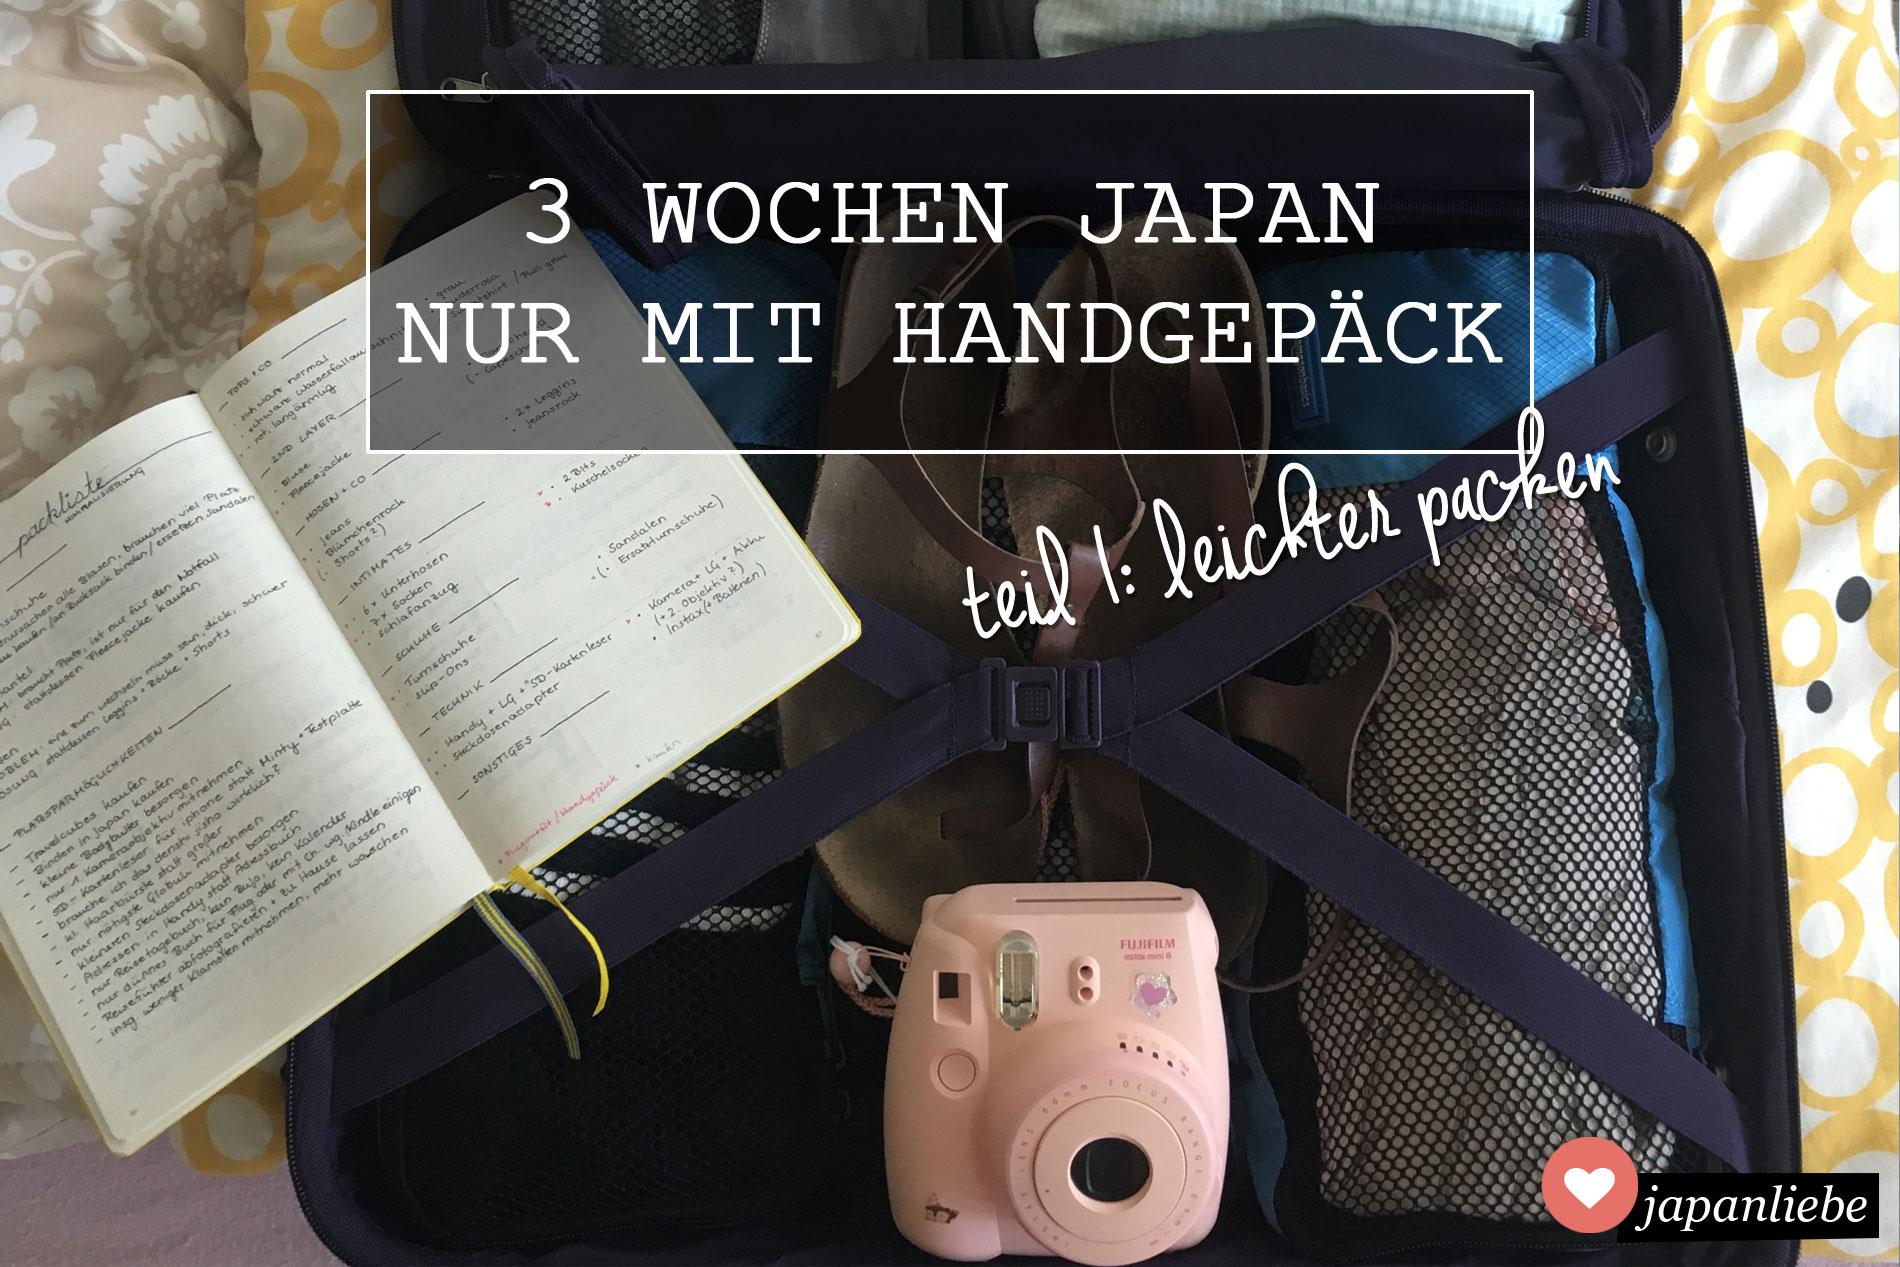 3 wochen japan nur mit handgep ck 6 tipps zum packen. Black Bedroom Furniture Sets. Home Design Ideas